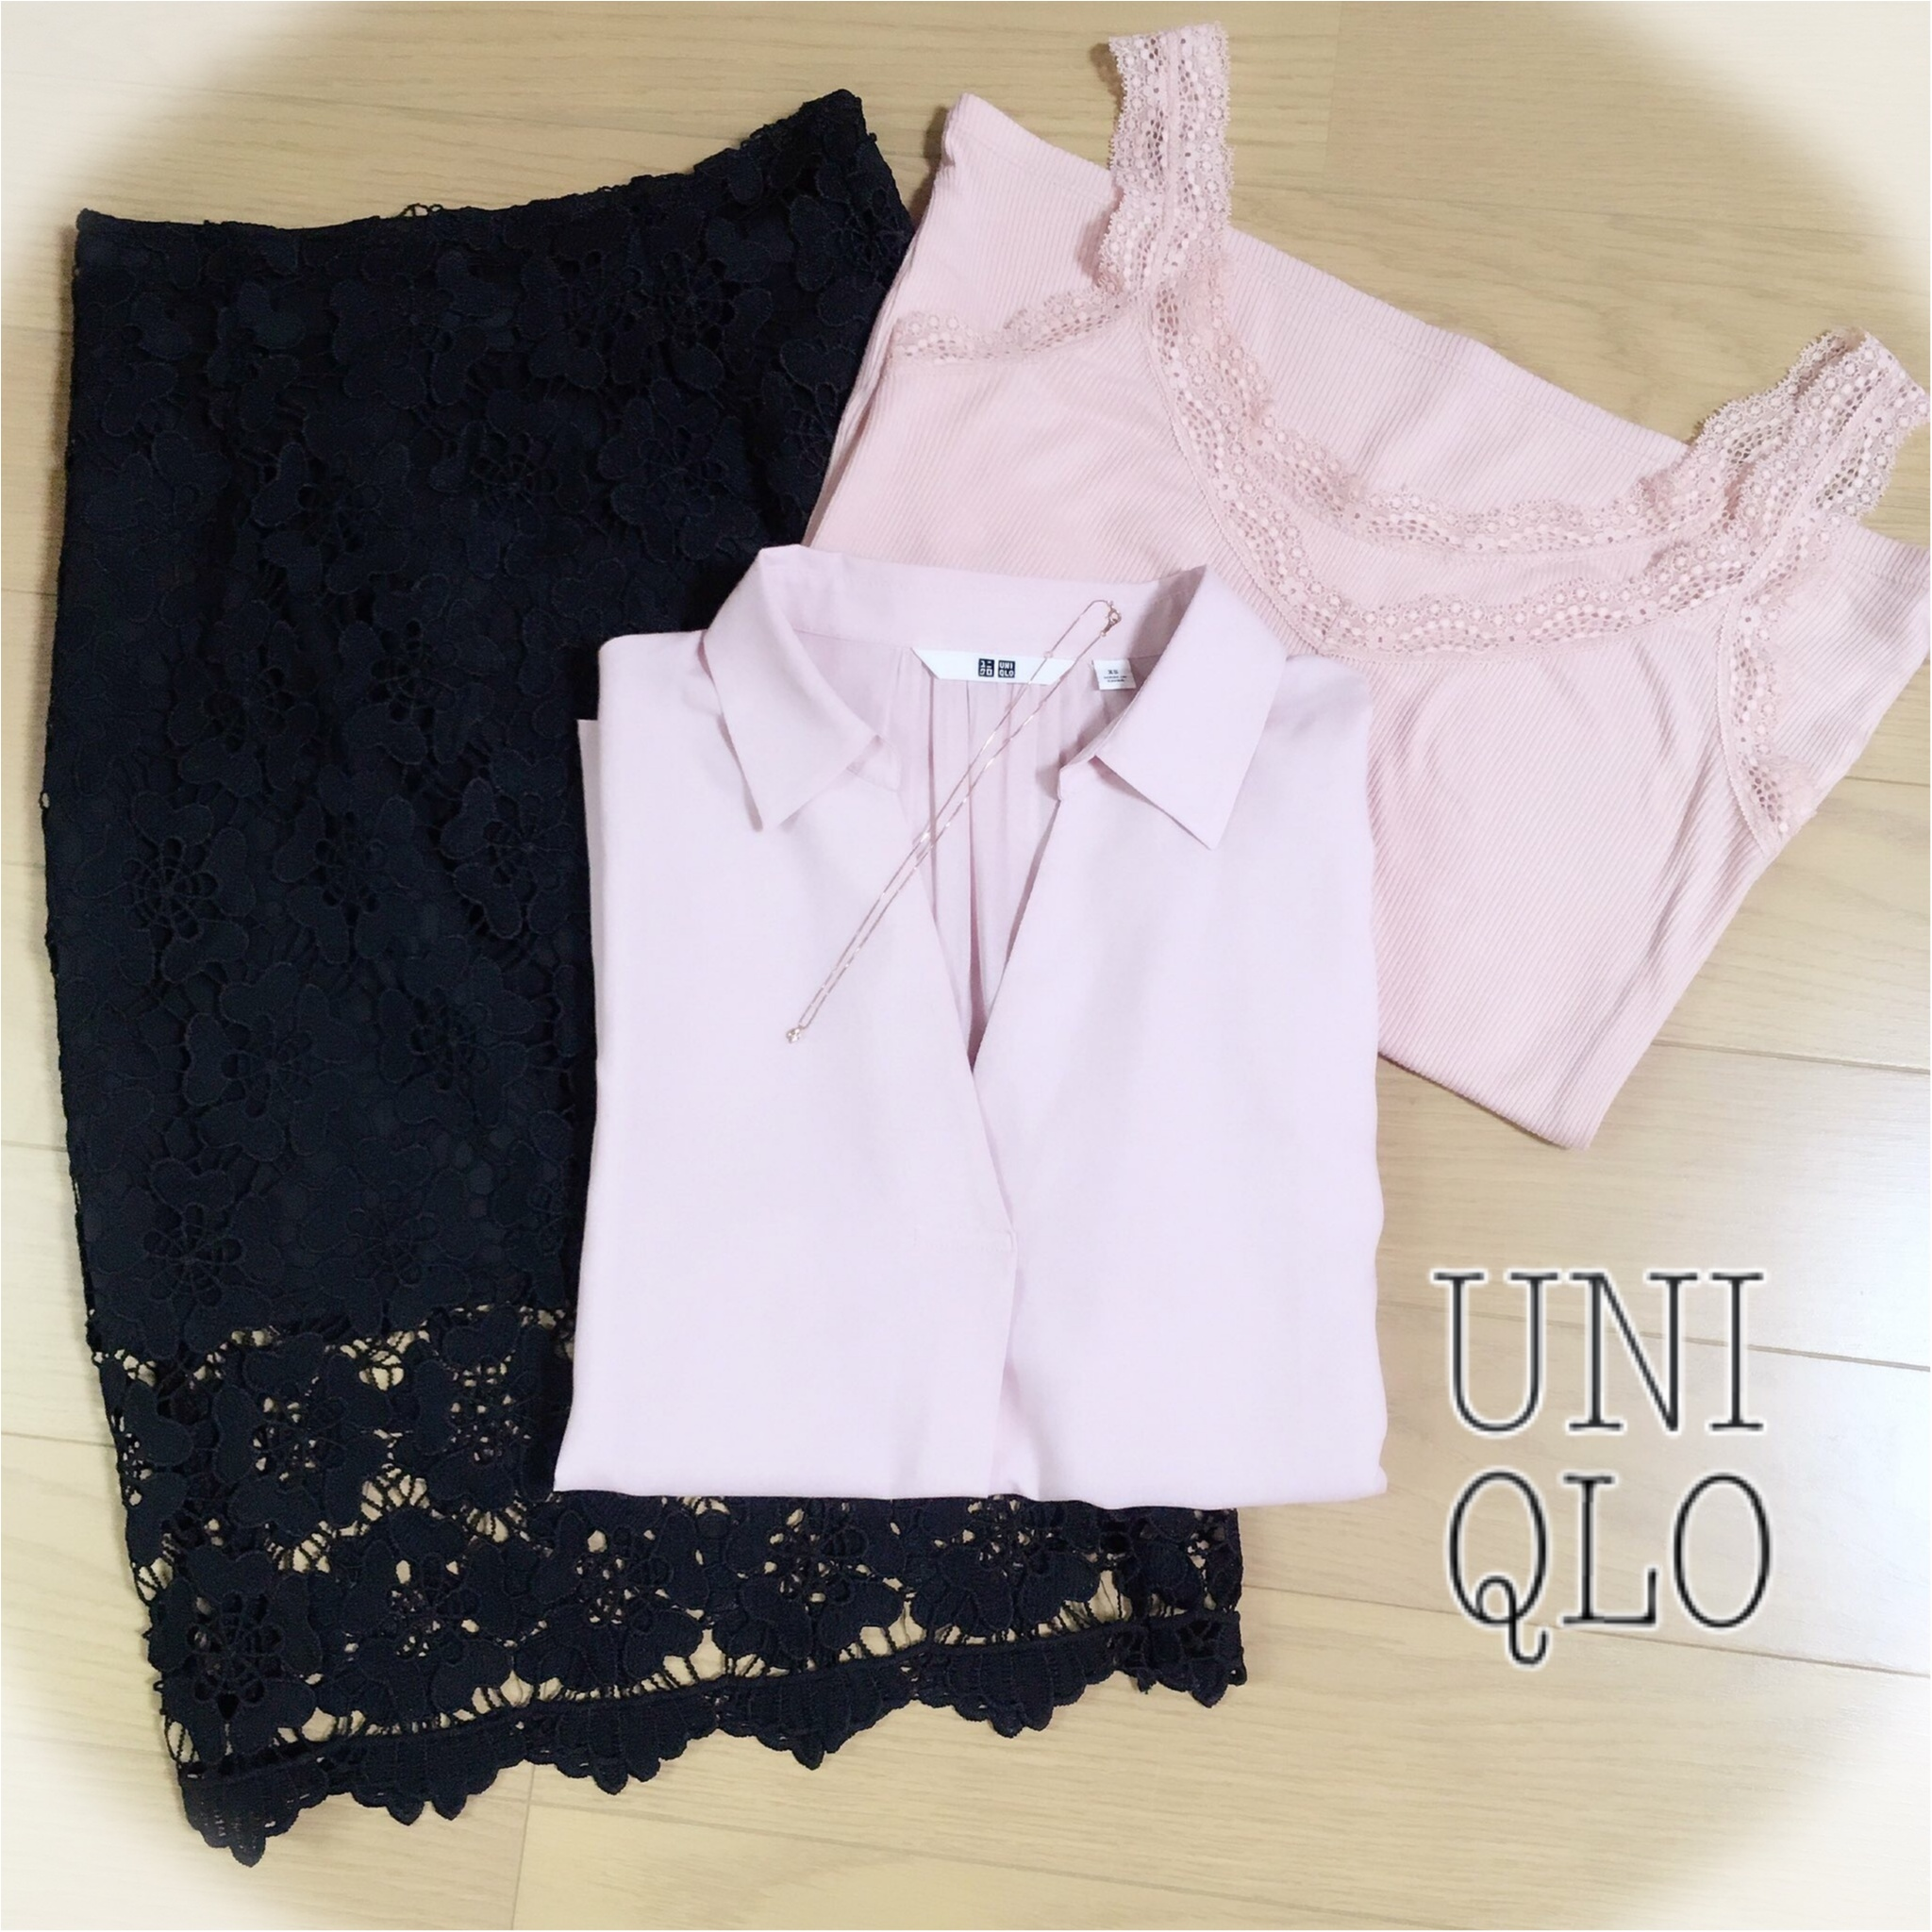 【UNIQLO新作】でつくる♡【夏のオフィススタイル】_1